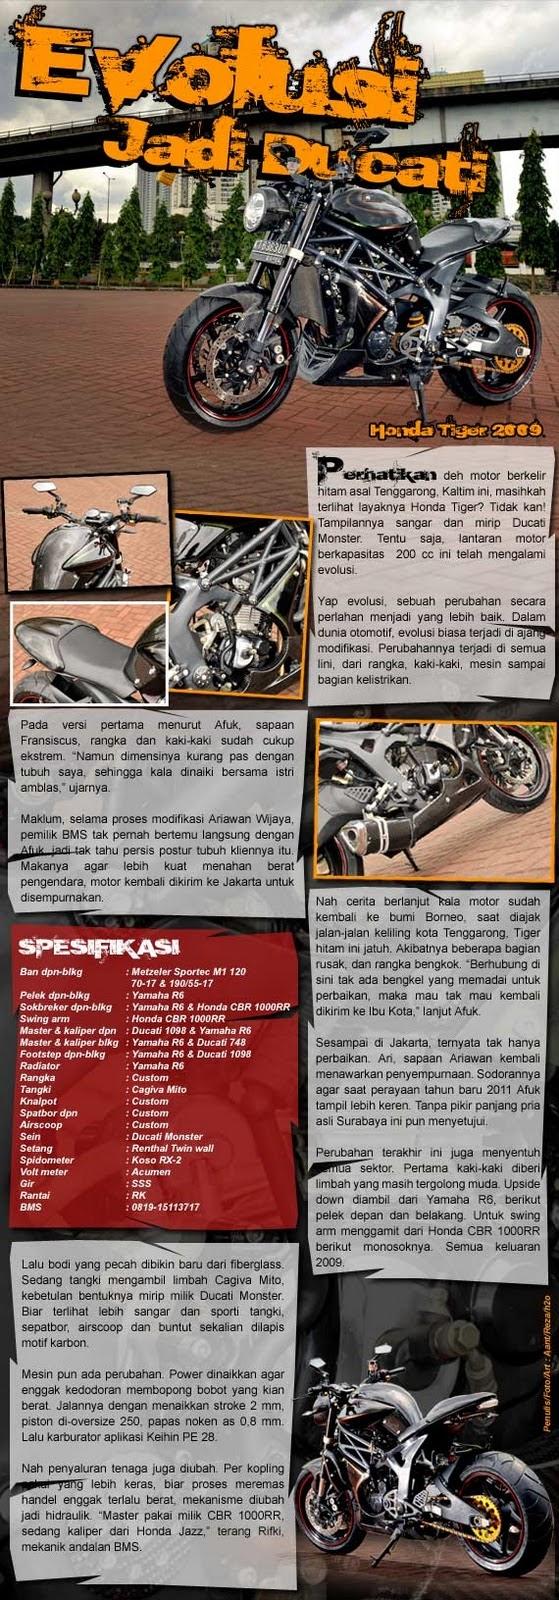 Modifikasi Honda Tiger Jadi Ducati